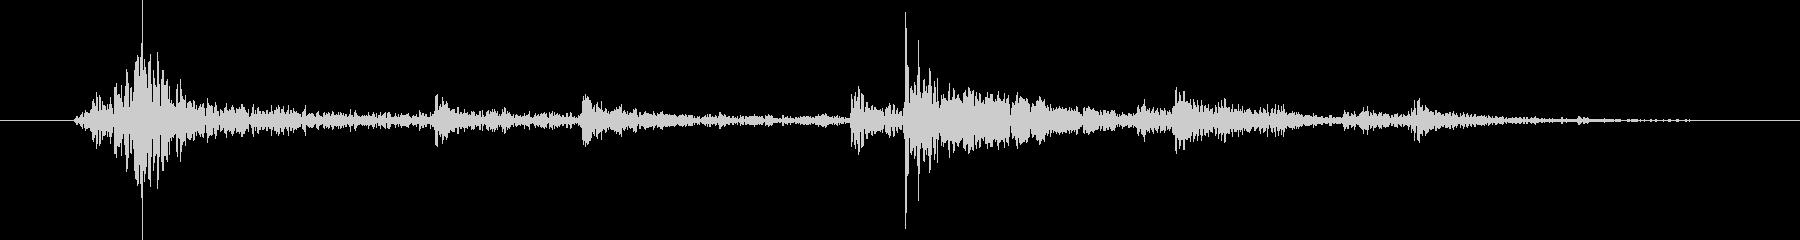 メタルスペードショベル:アスファル...の未再生の波形